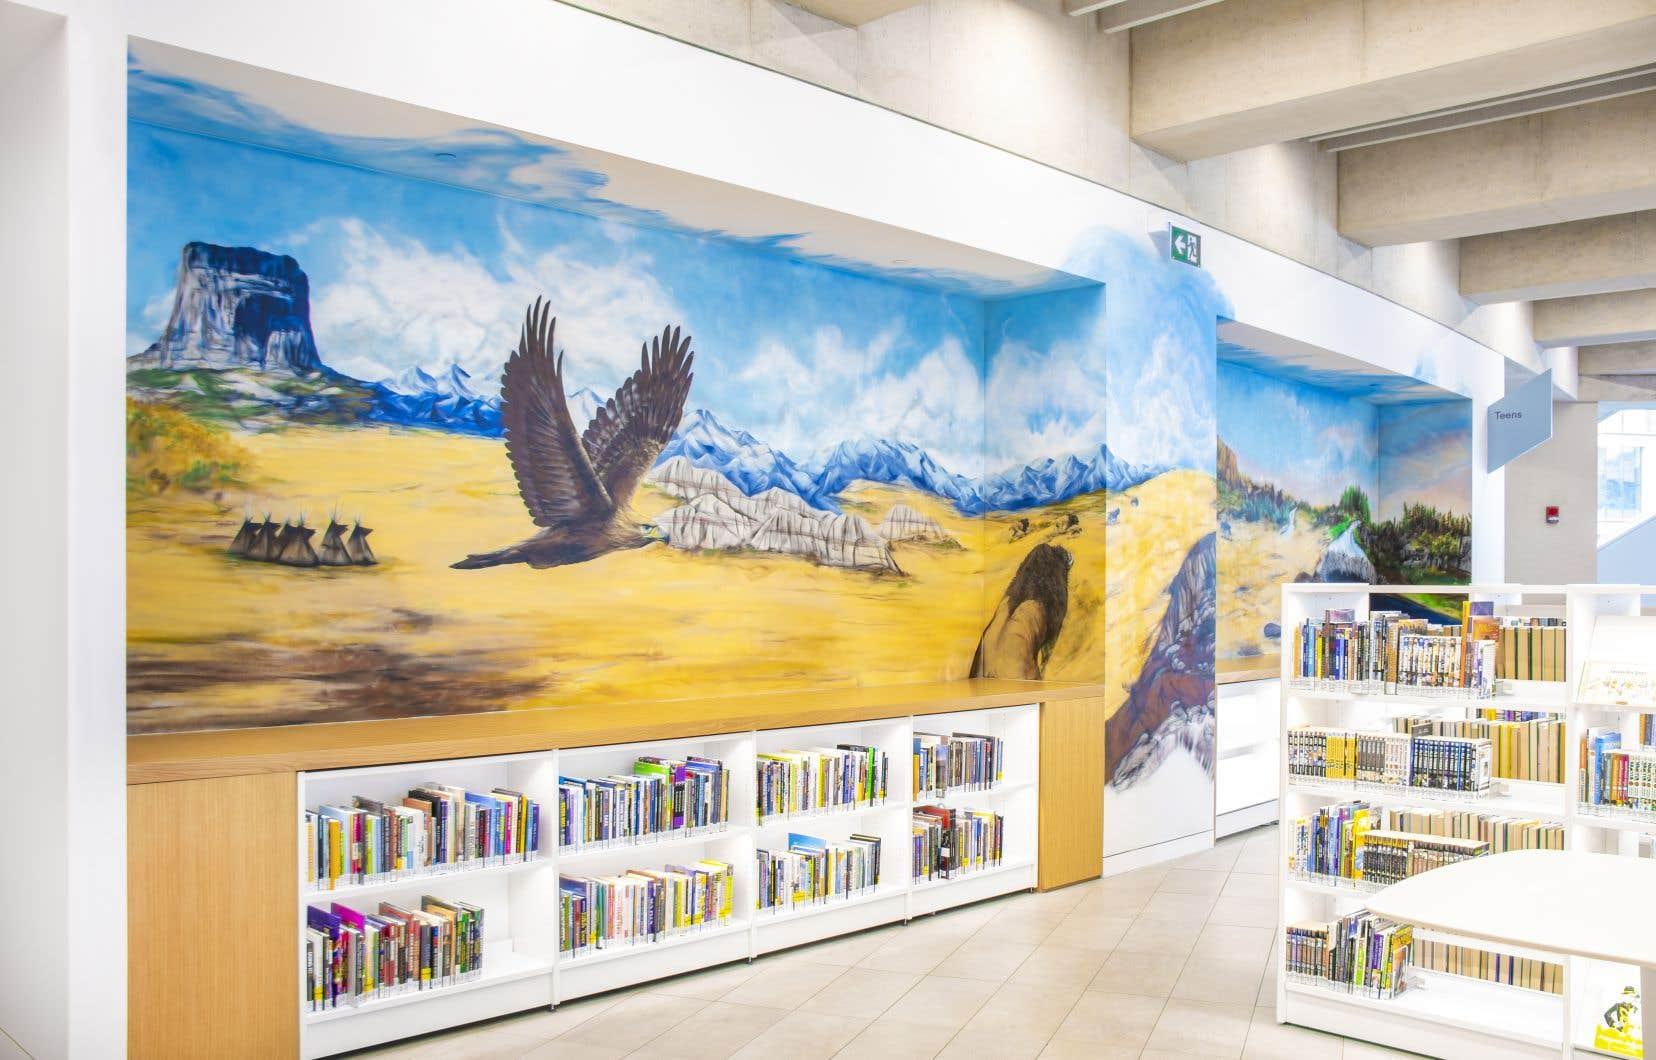 La bibliothèque publique de Calgary, avec l'œuvre «The Spirit Within», de Jesse Gouchey, Tanisha Wesley et Autumn Whiteway